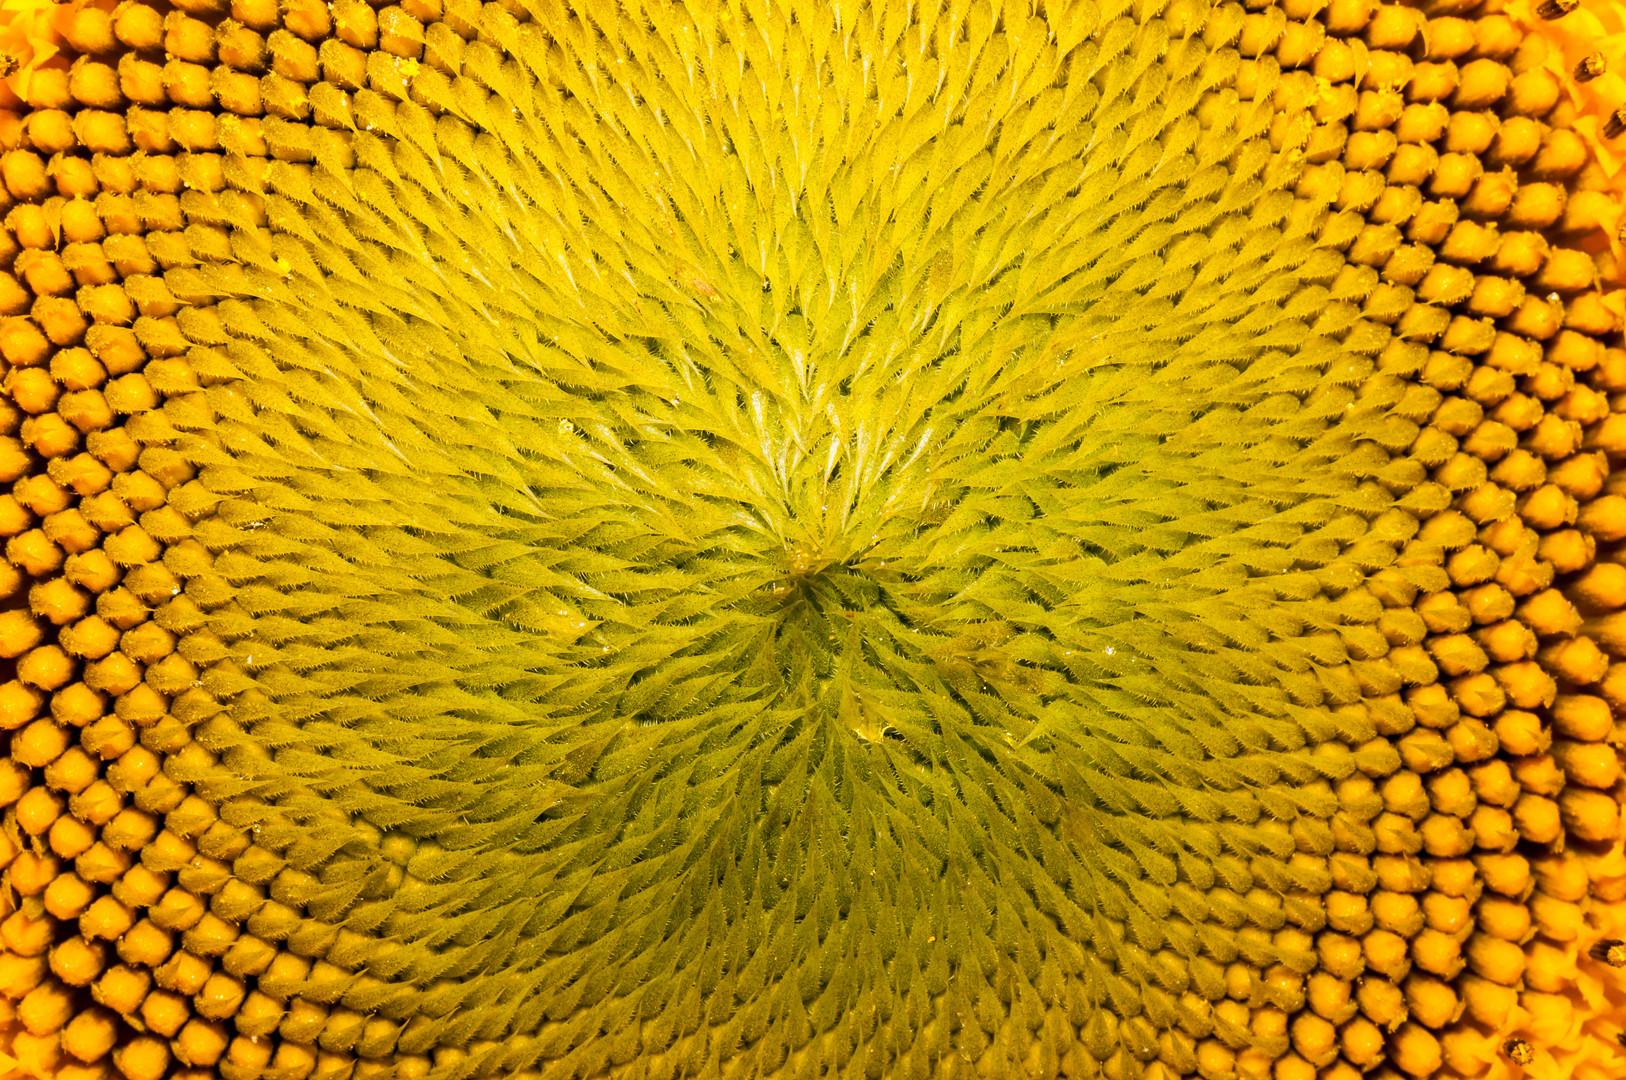 Struktur einer Sonnenblume